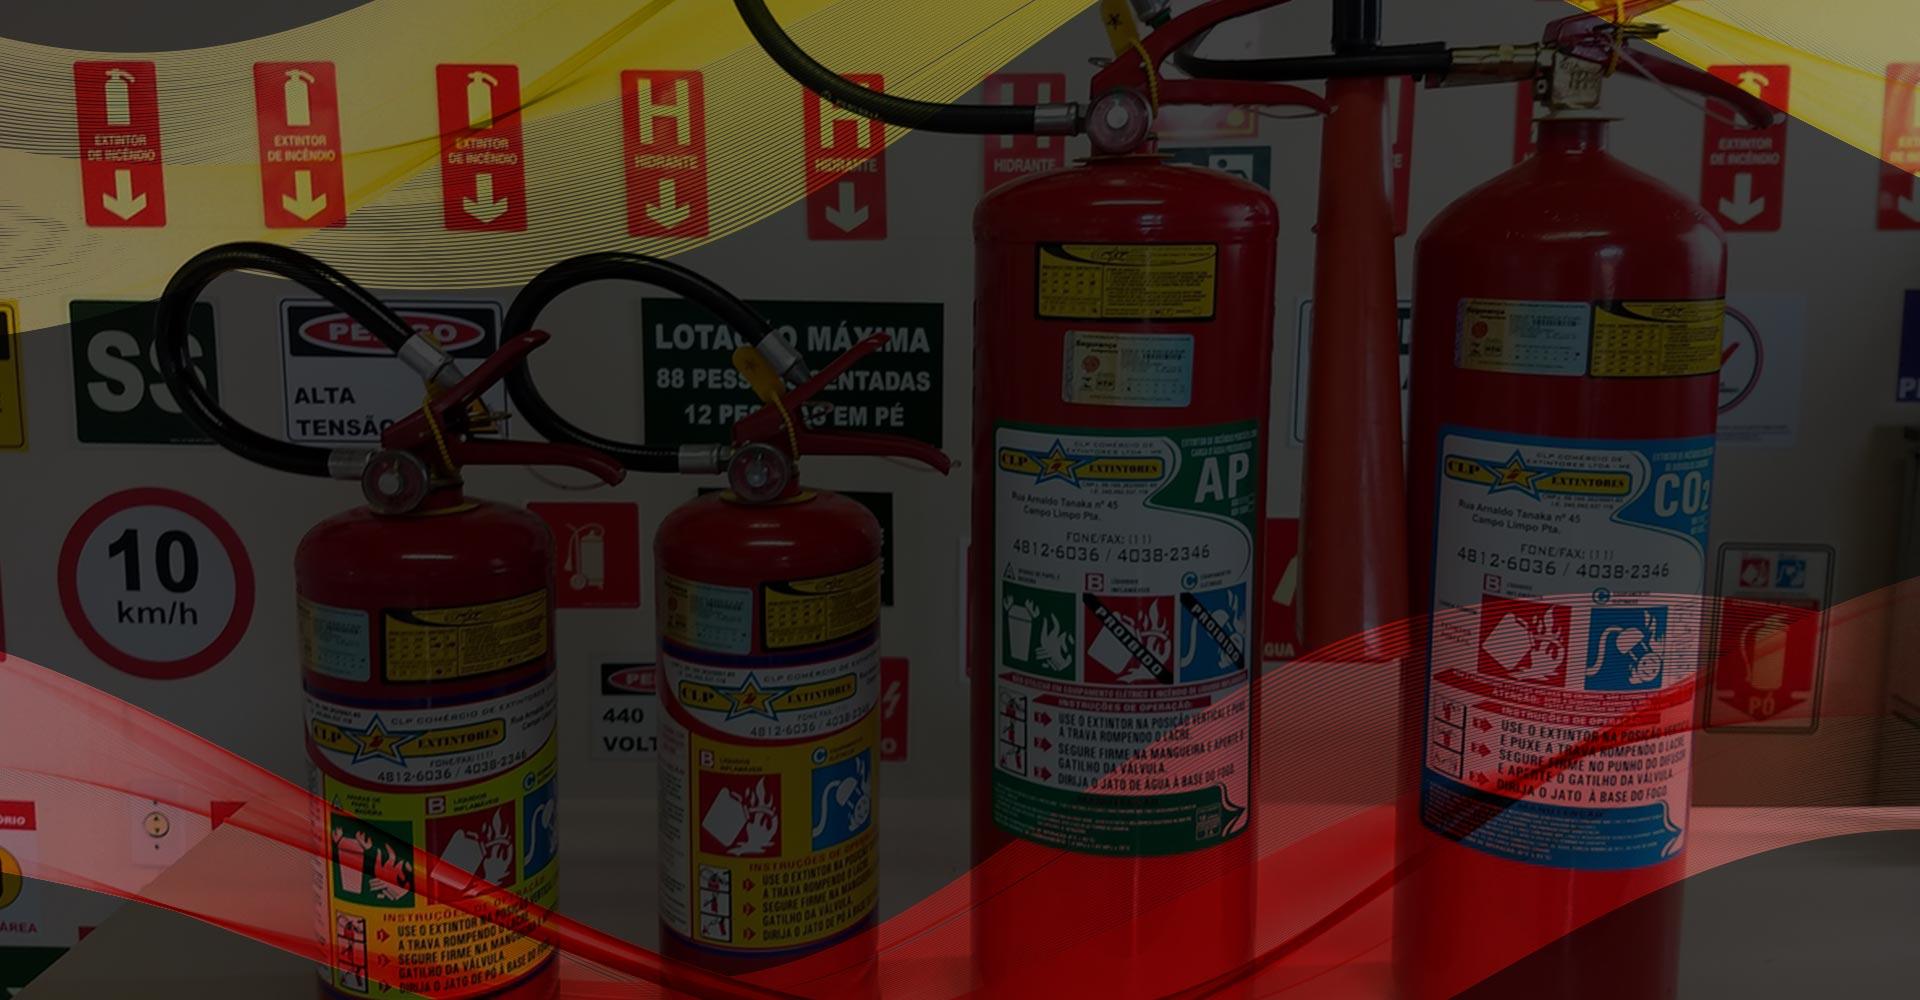 CLP Extintores possui equipamentos de segurança de altíssima qualidade contra incêndios.